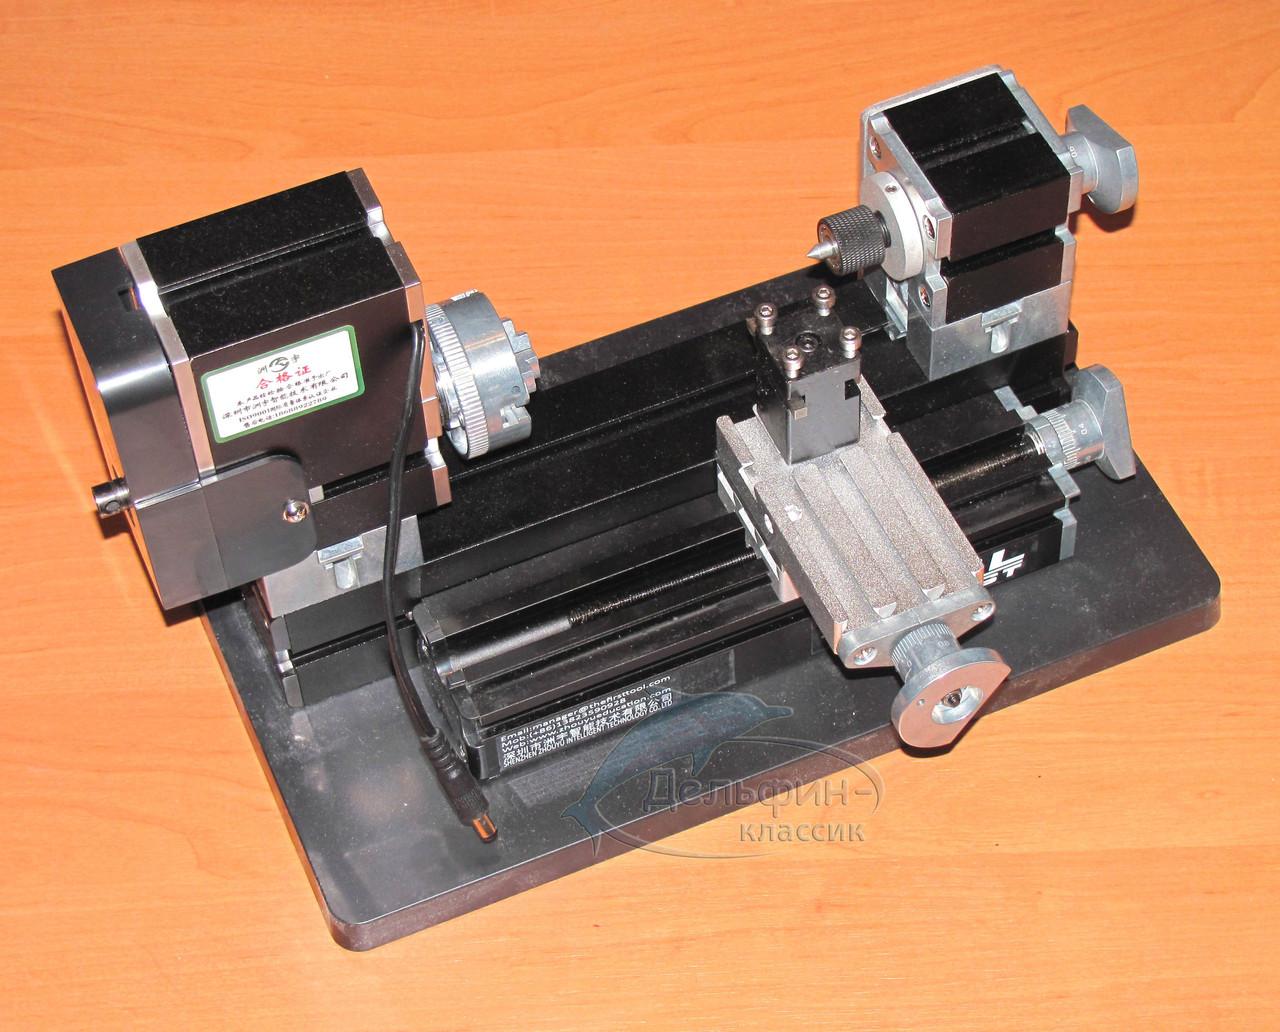 Токарный мини-станок с чпу: обзор настольных токарников по металлу